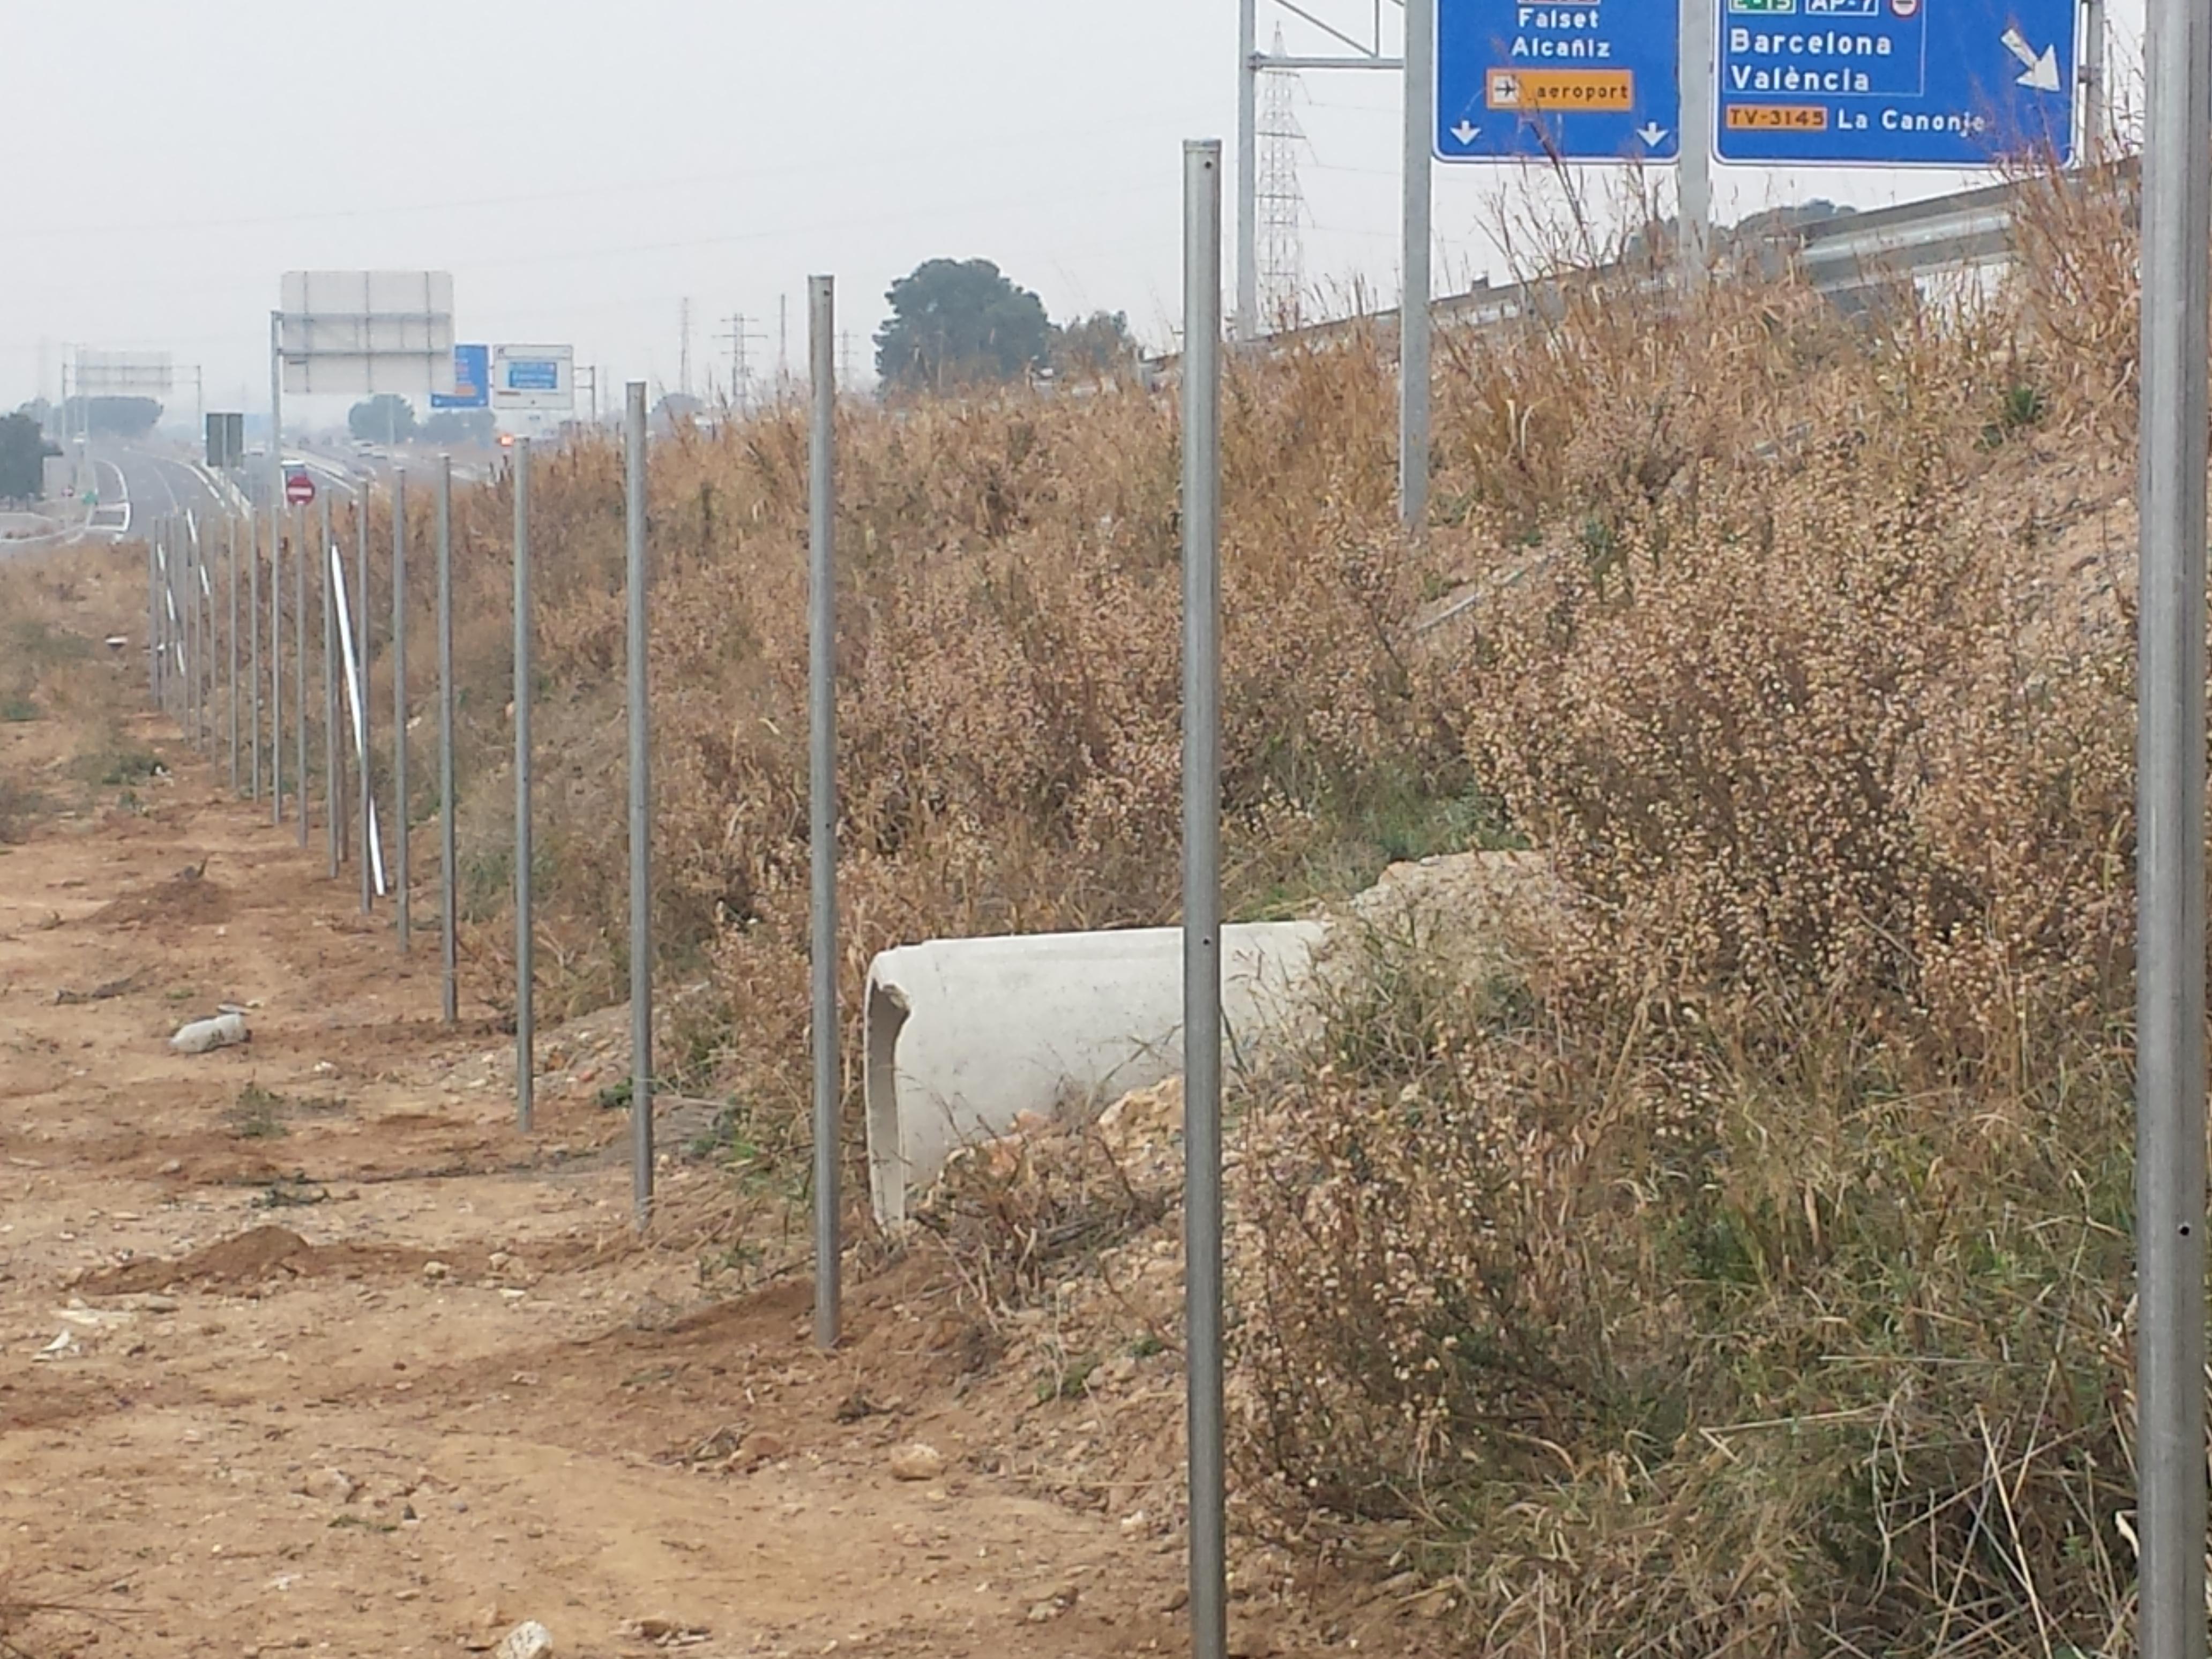 Vinuesa vallas cercados valla finca con cercado metalico - Estacas de madera para cierres ...